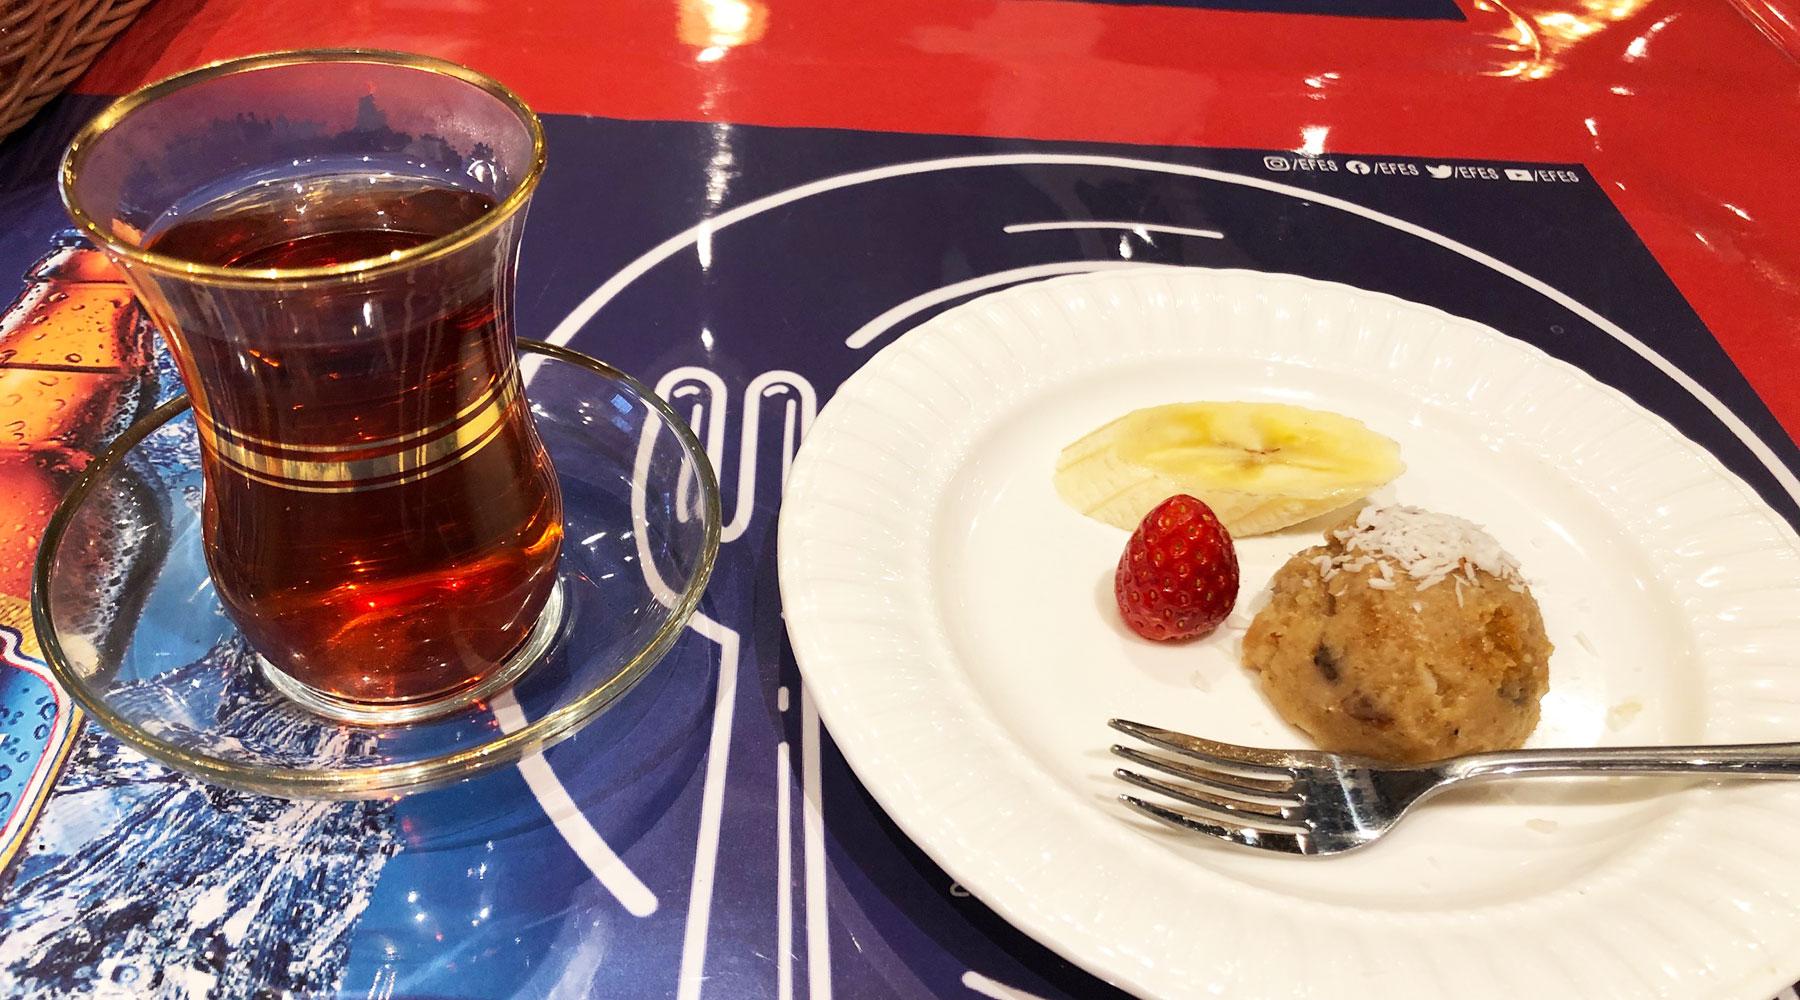 浦和のトルコ料理アセナ・食後のデザートとチャイ